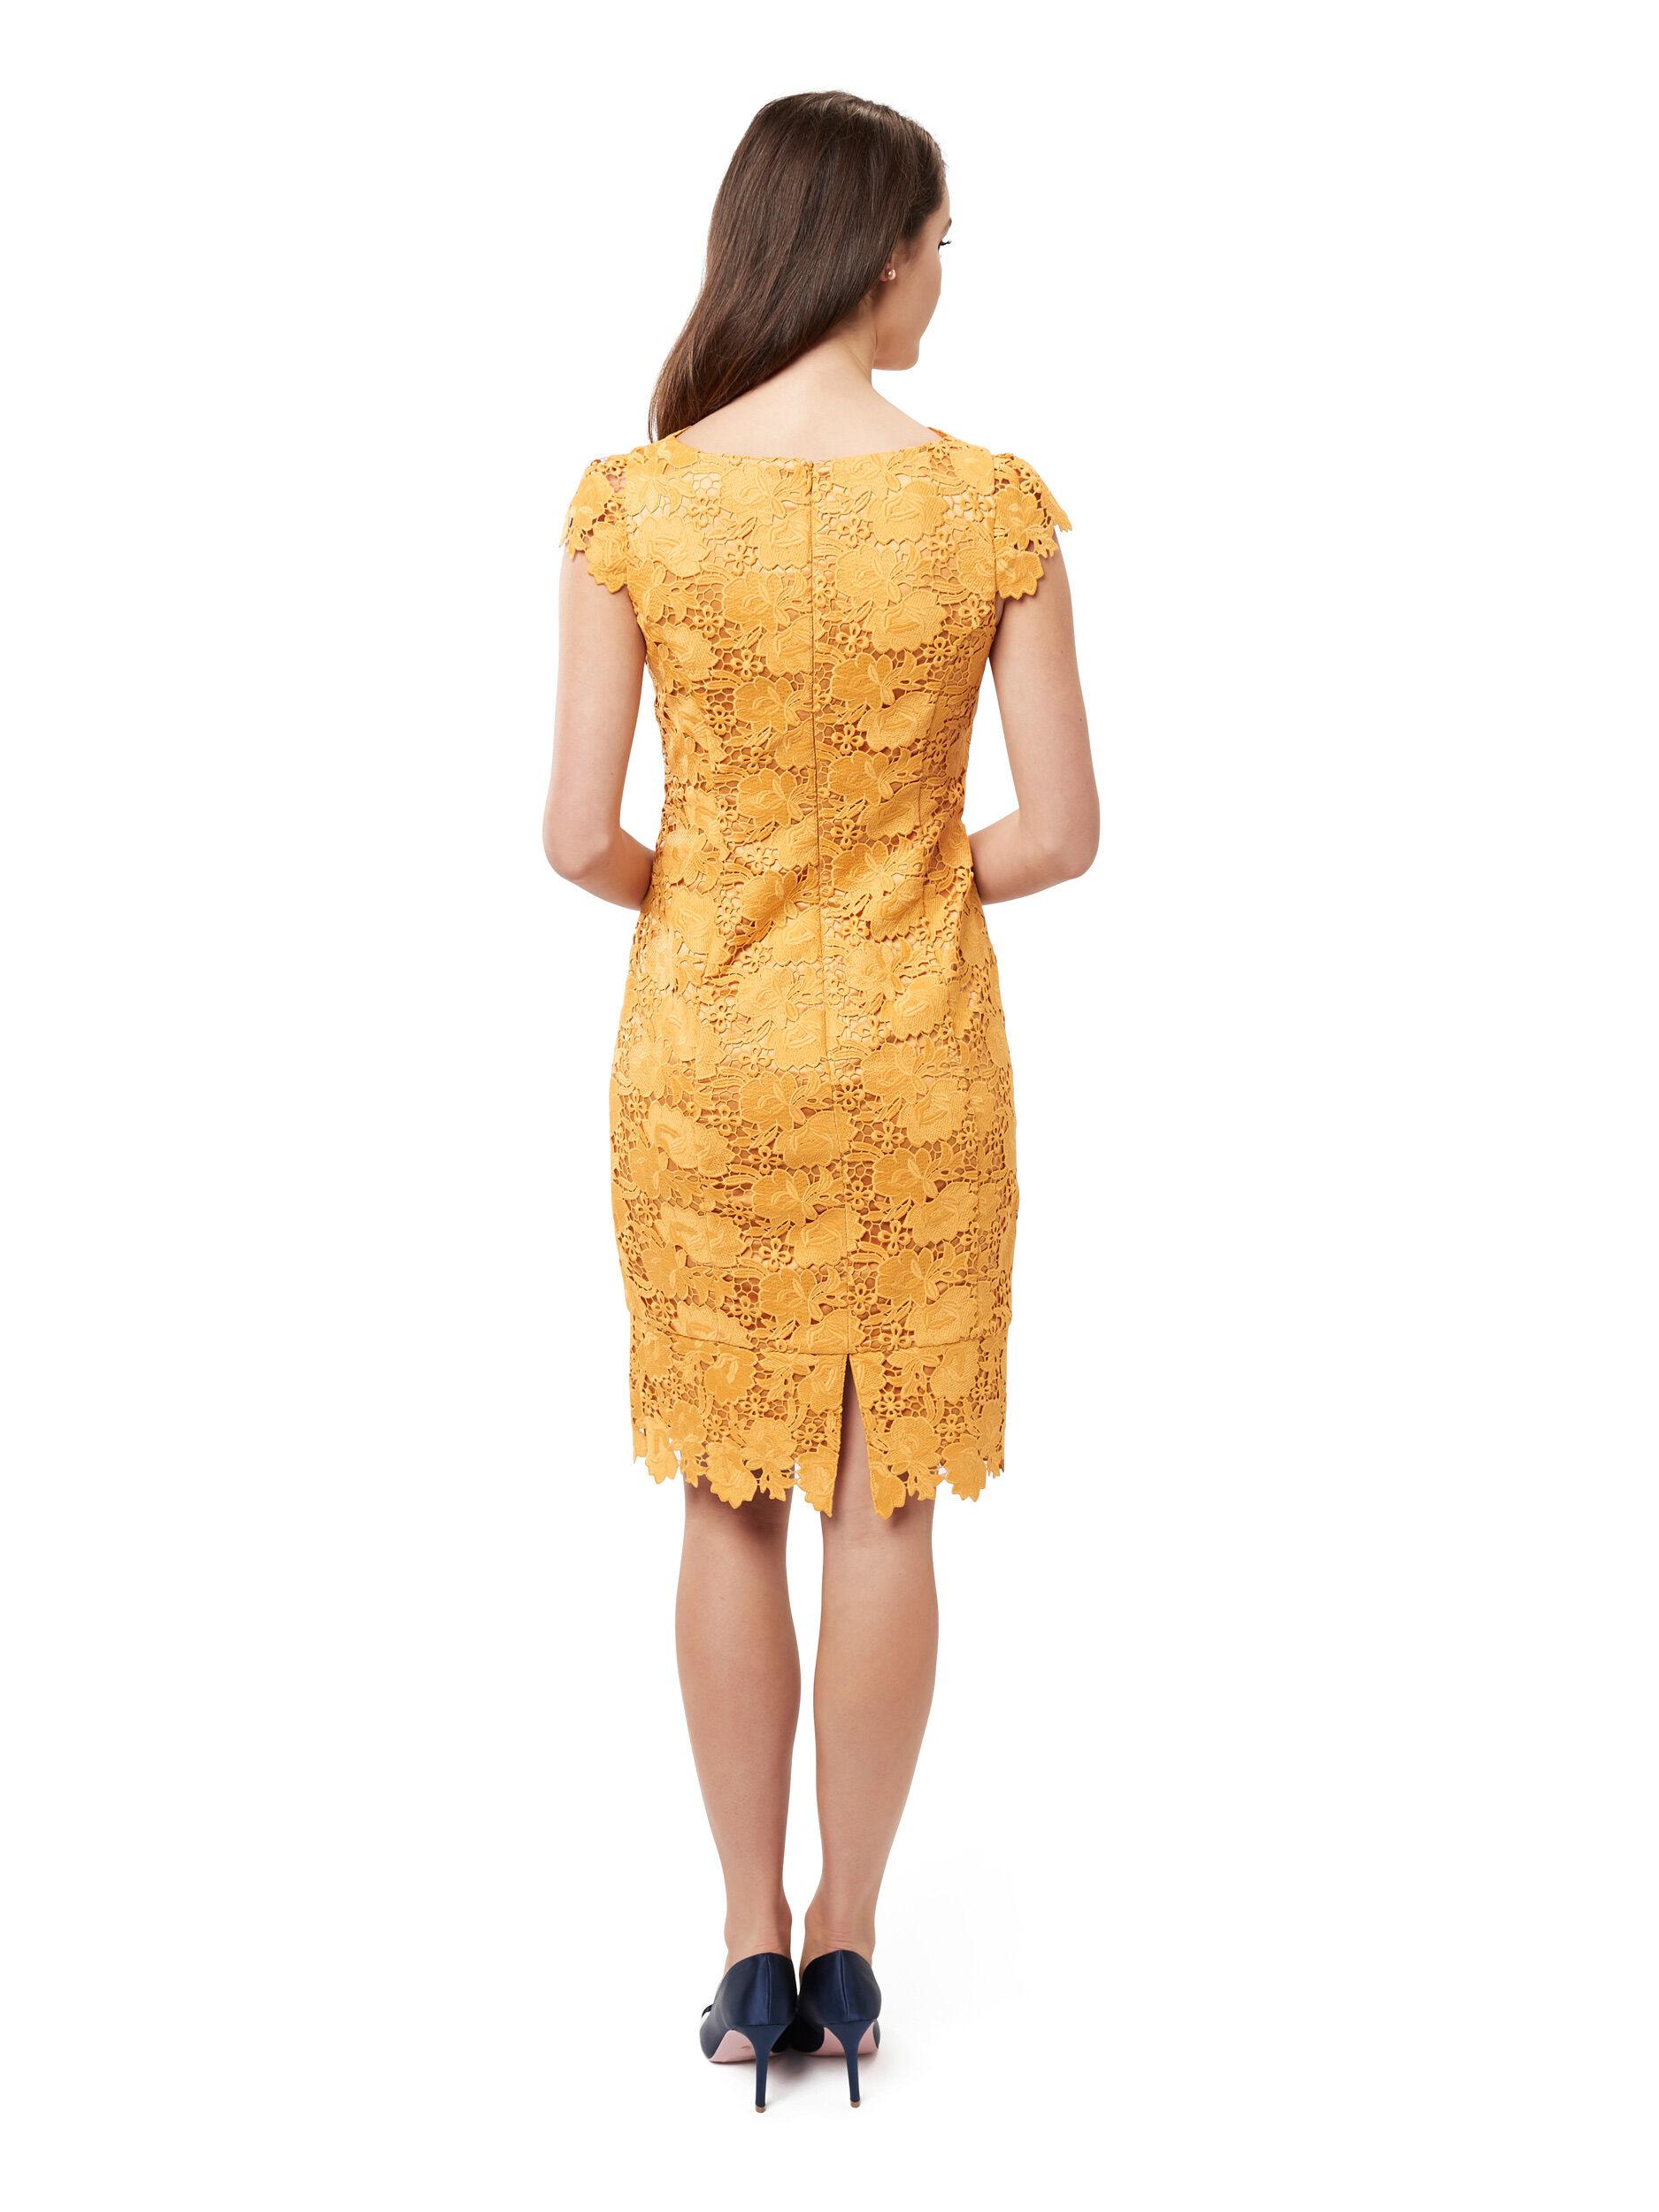 Miss Trina Dress